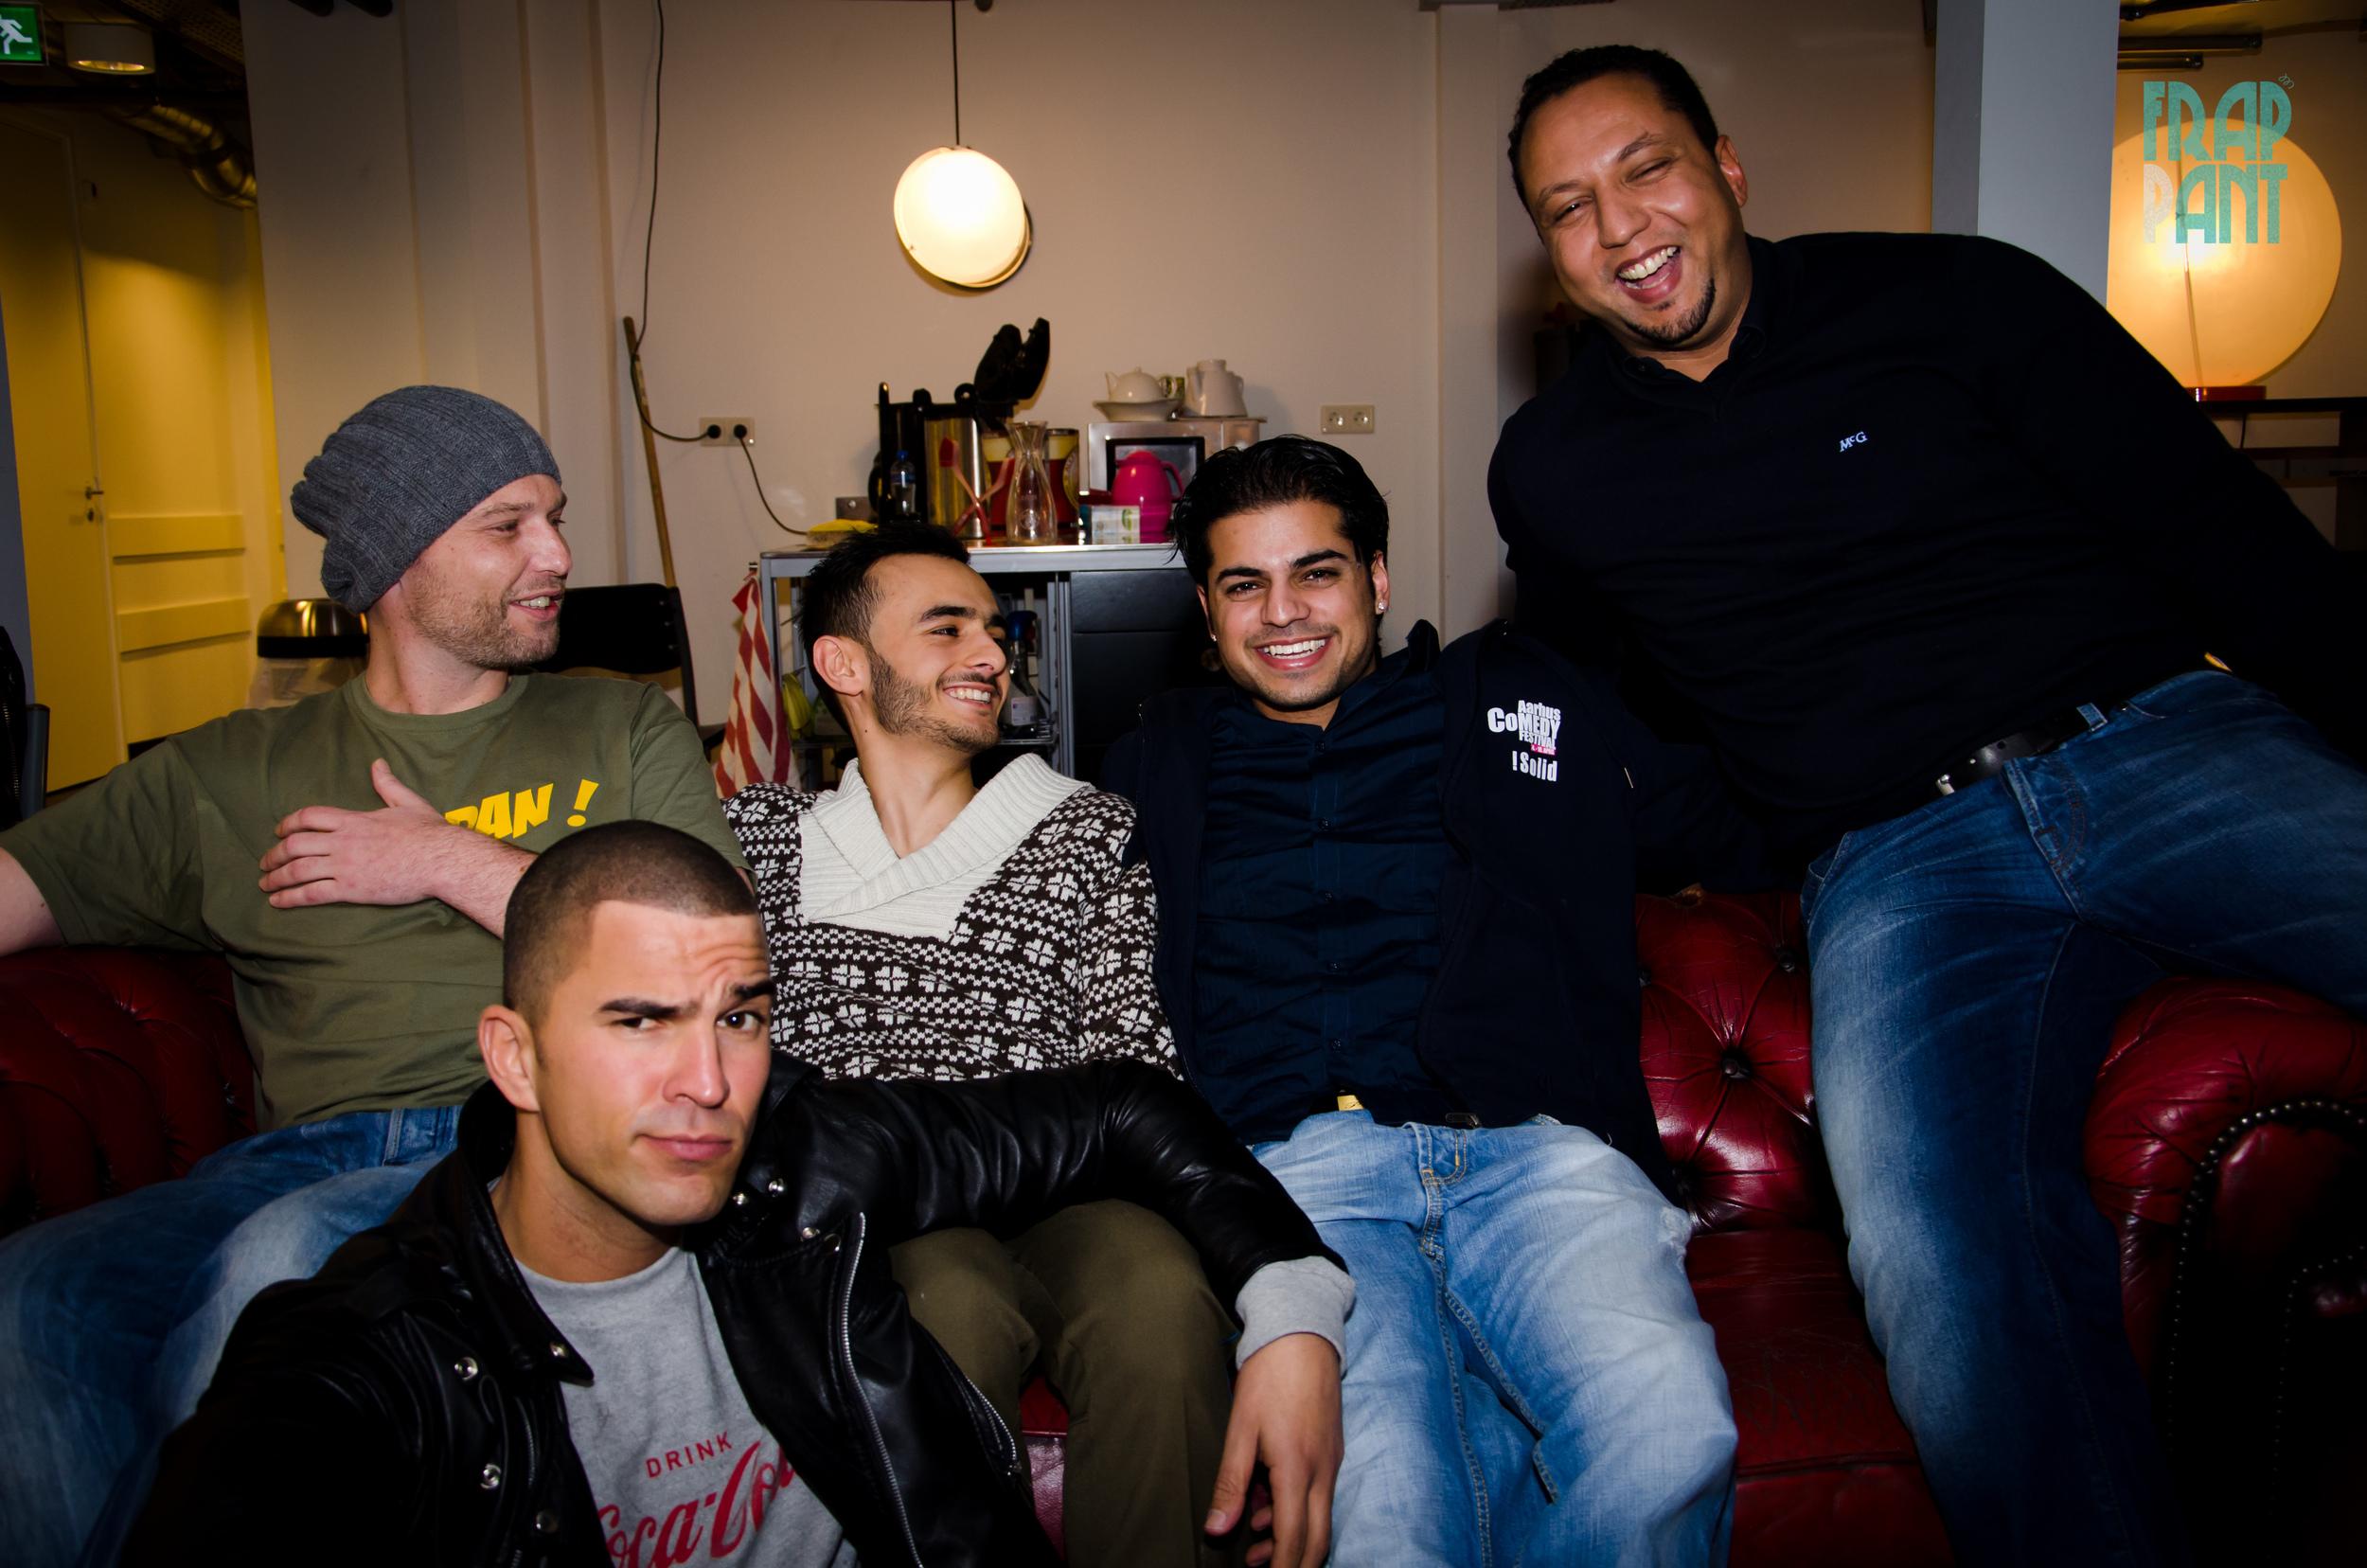 Bram van der Velde, Nabil, Farbod, Rayen Panday, Hicham Ennadre